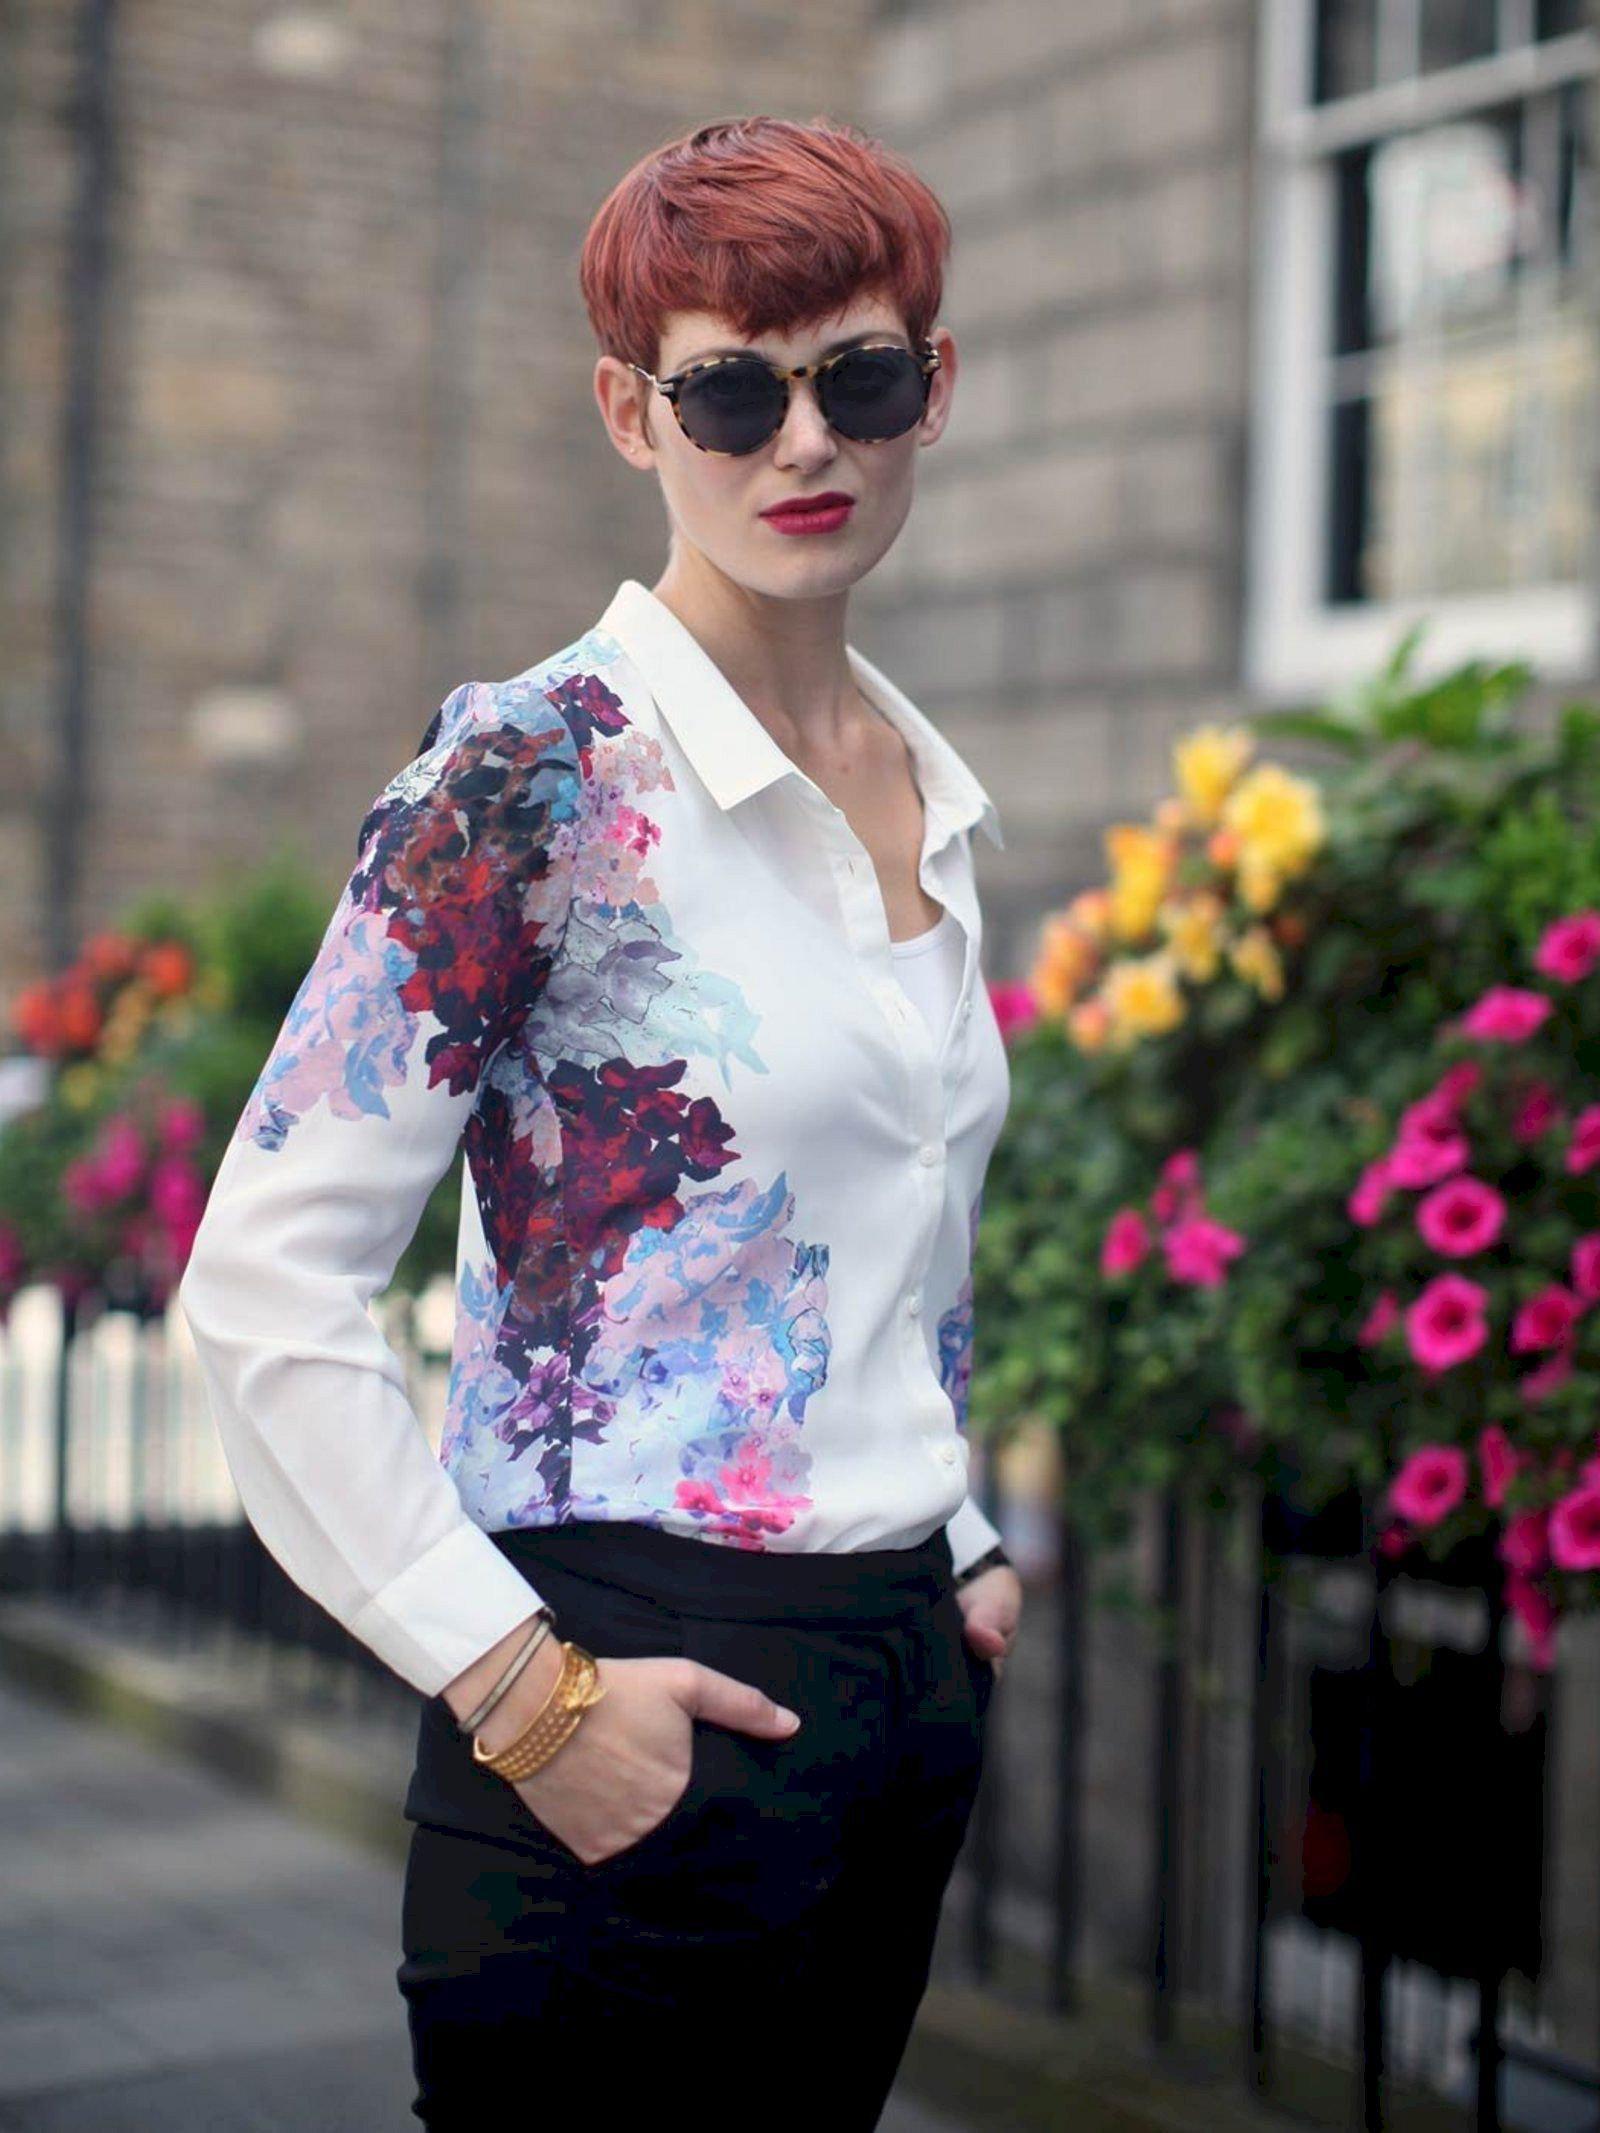 image23-15   Офисный стиль: как носить рубашку и не выглядеть скучной